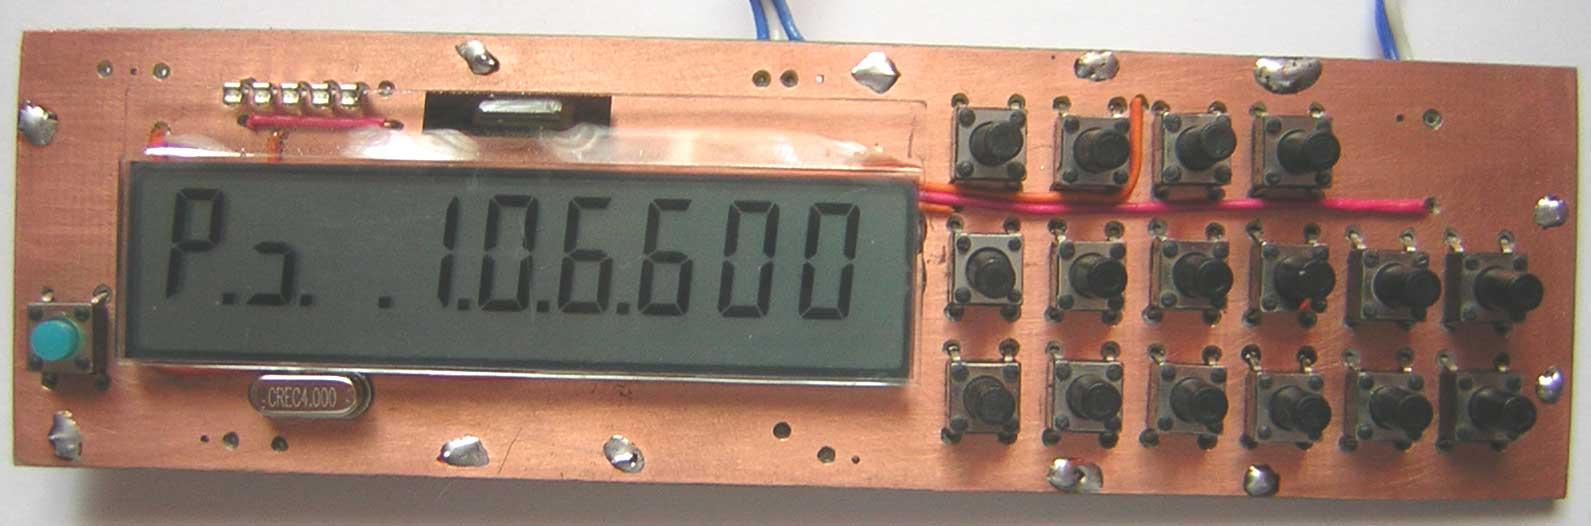 сканирующий fm радиоприёмник схема